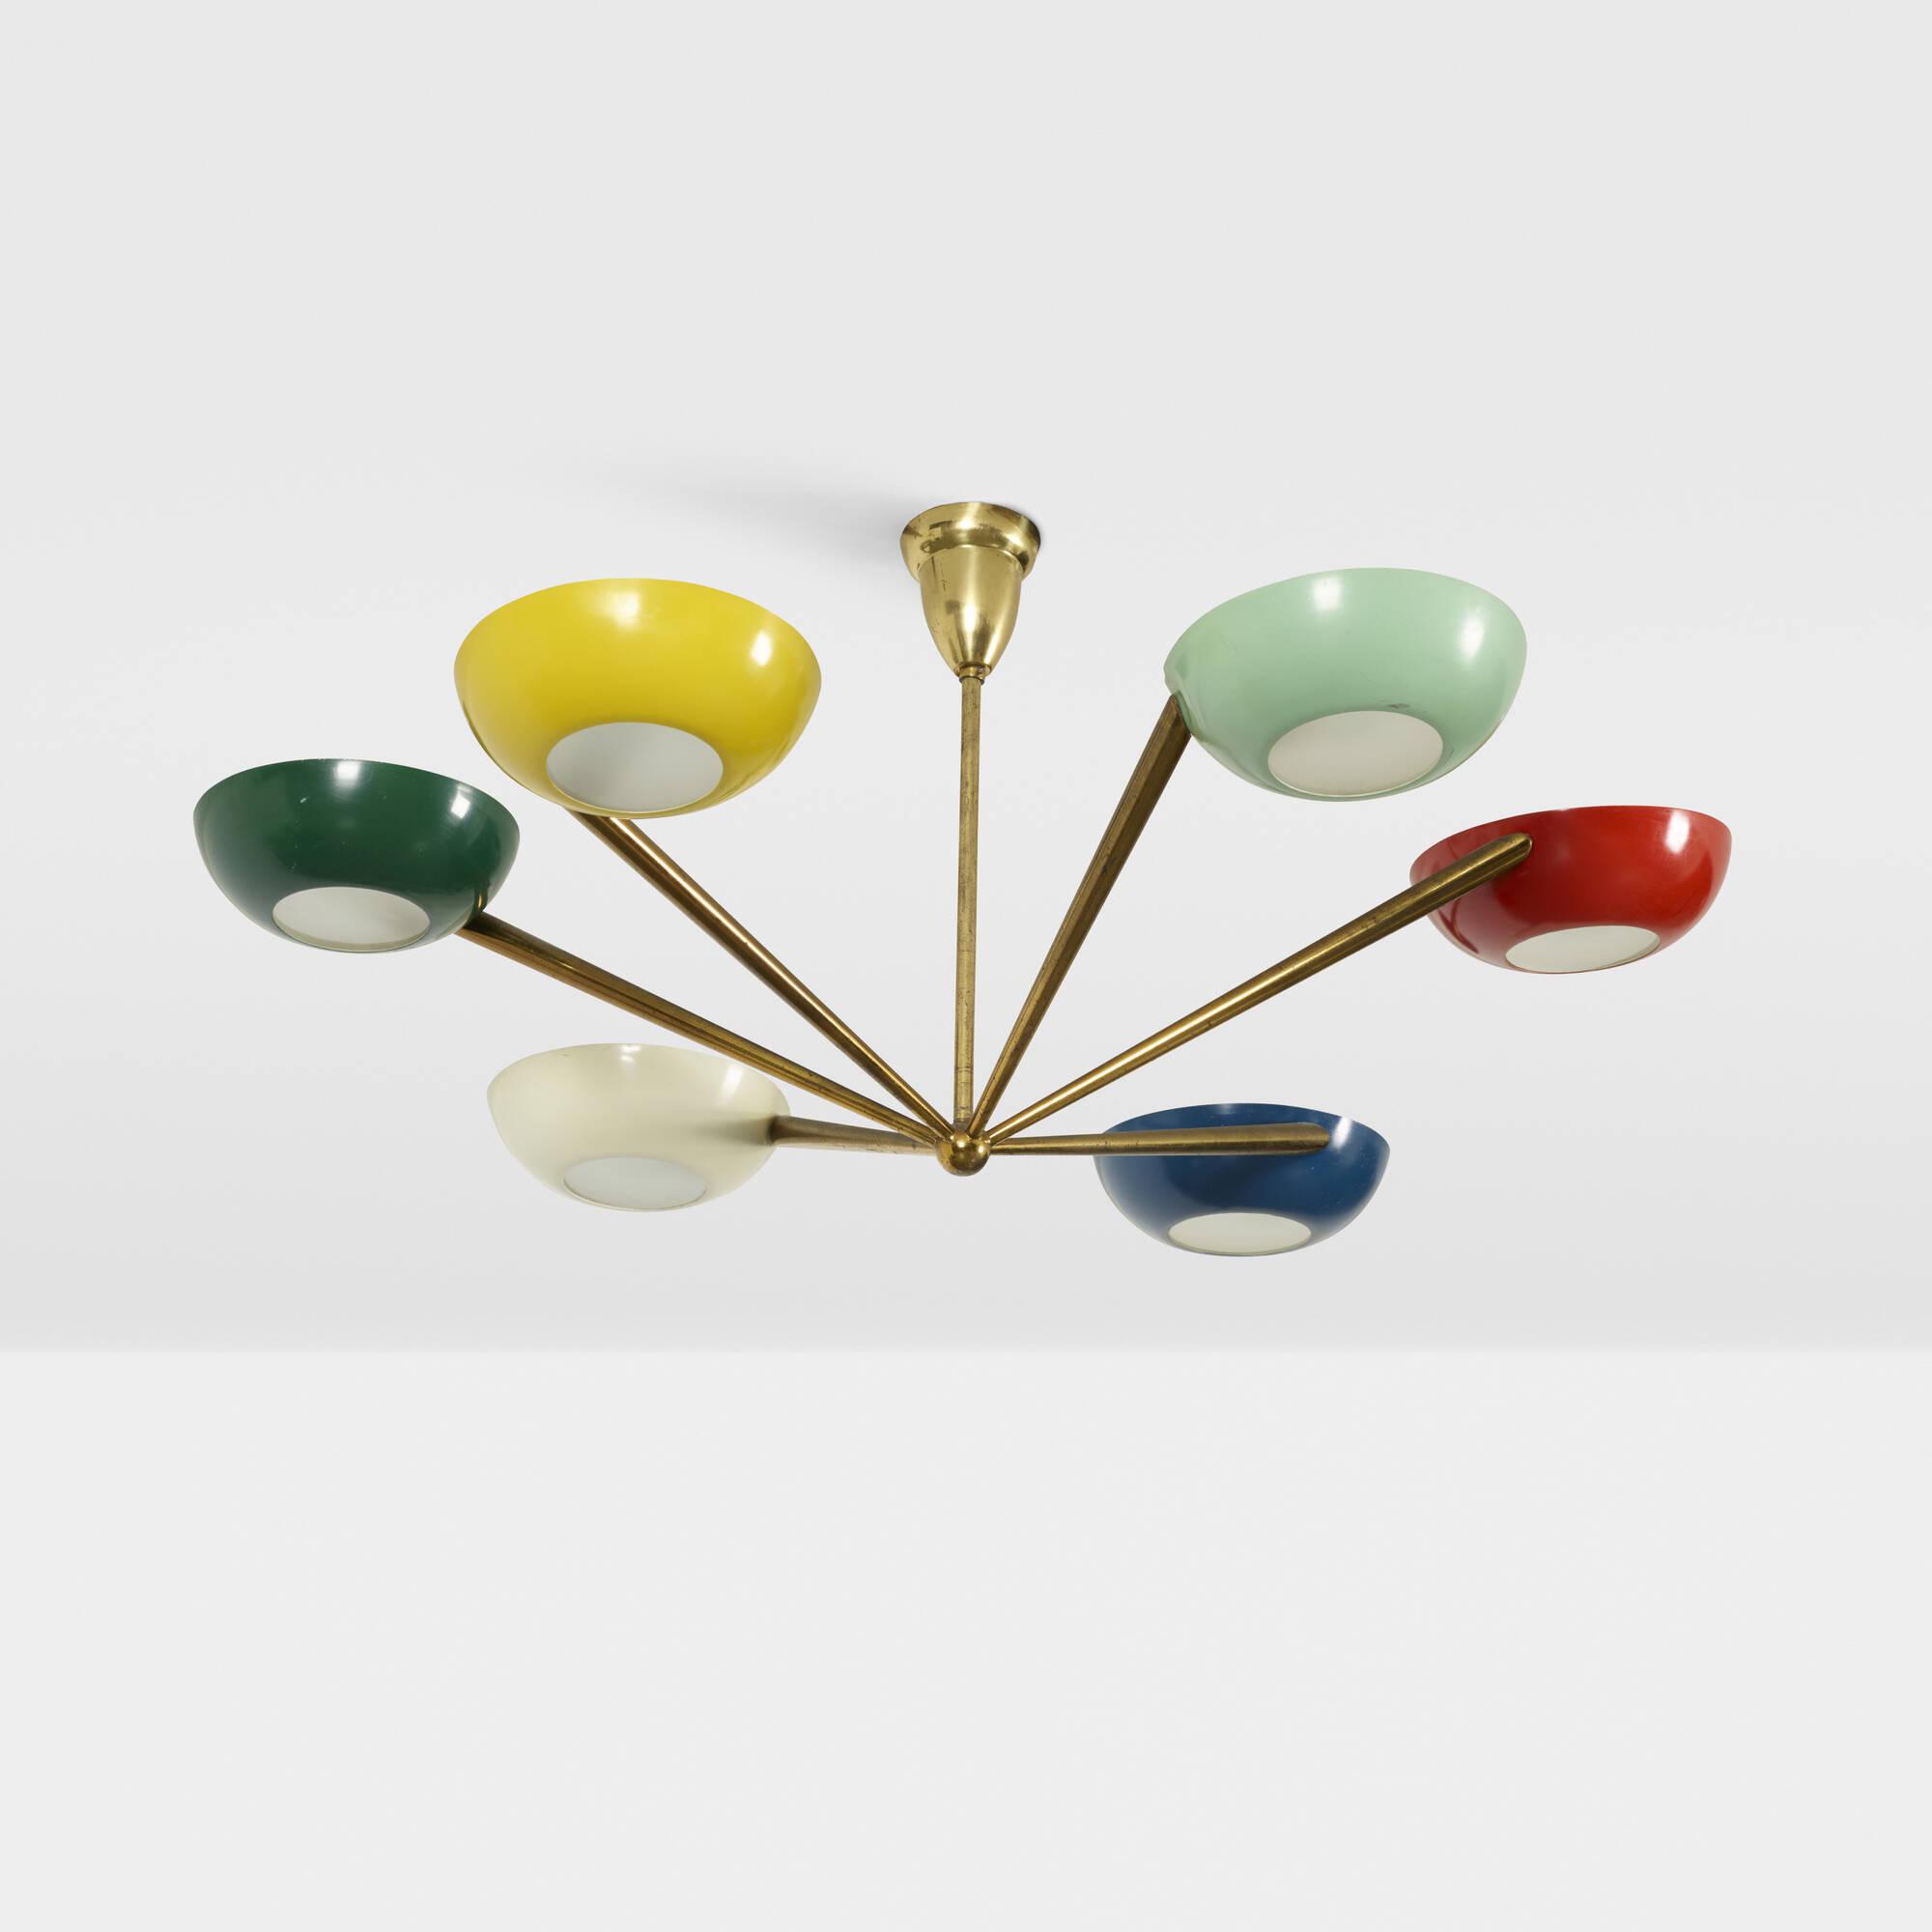 194 stilnovo chandelier art design 19 july 2018 auctions 194 stilnovo chandelier 1 of 2 aloadofball Gallery